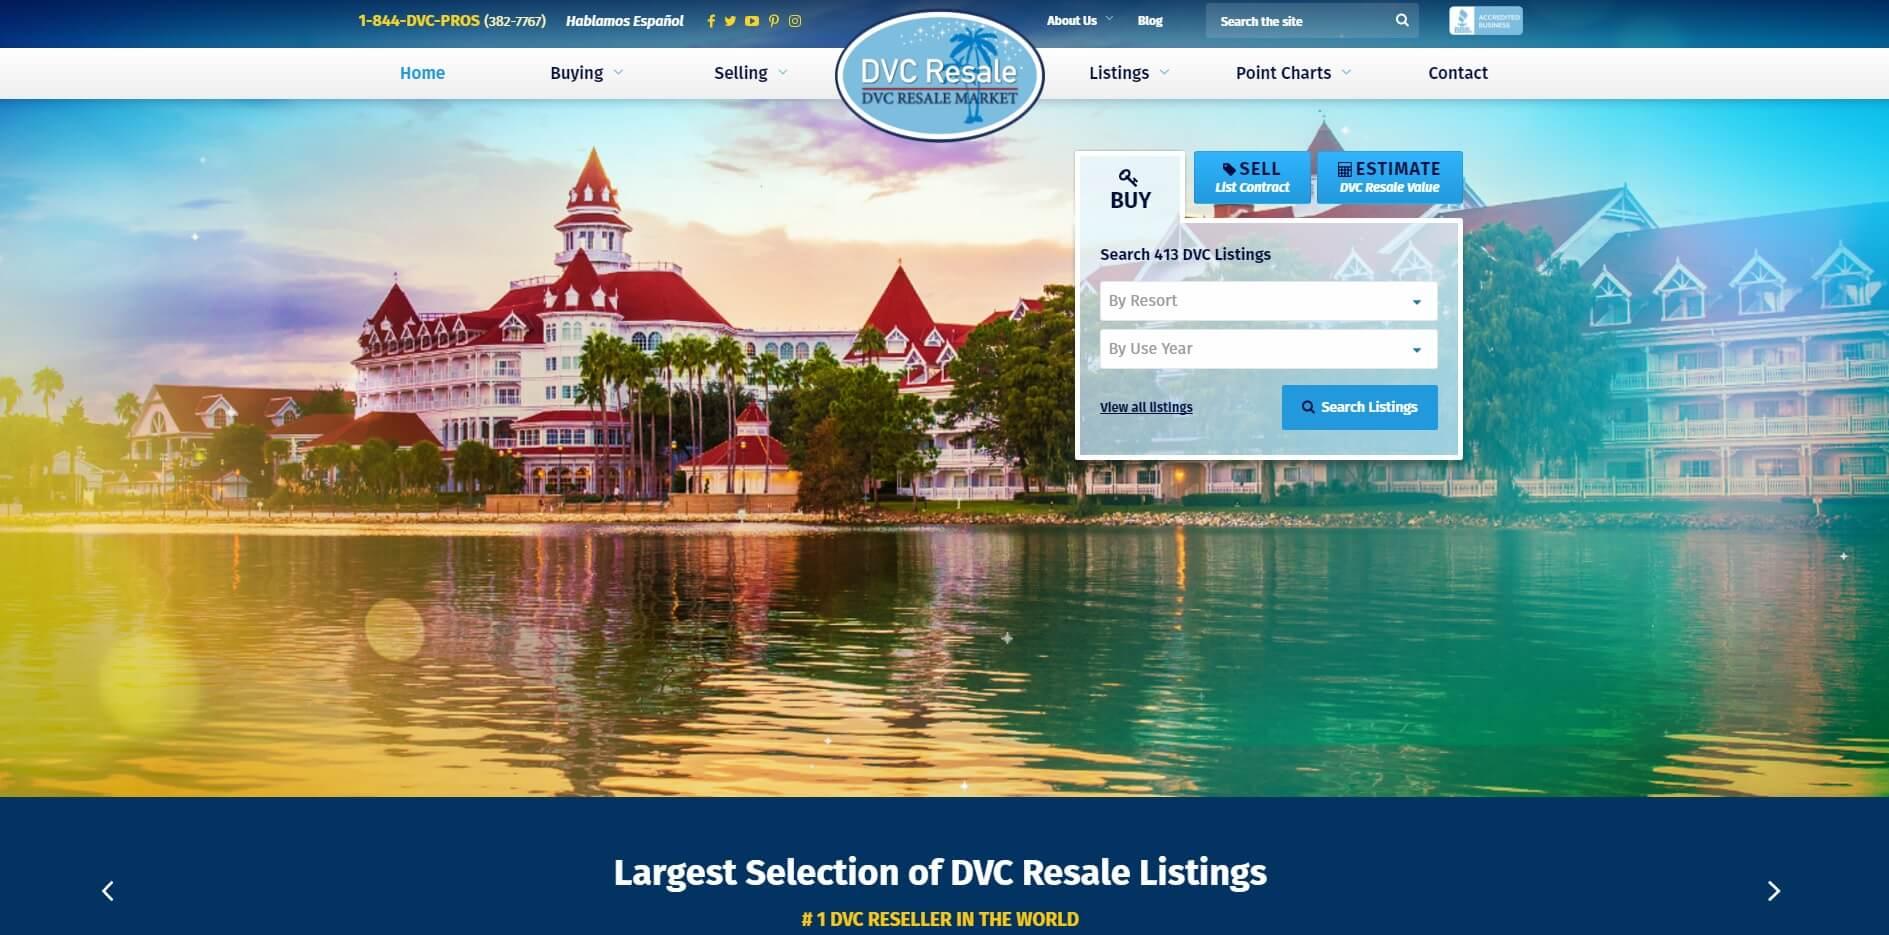 Top Ten Website Enhancements To DVCResaleMarket.com